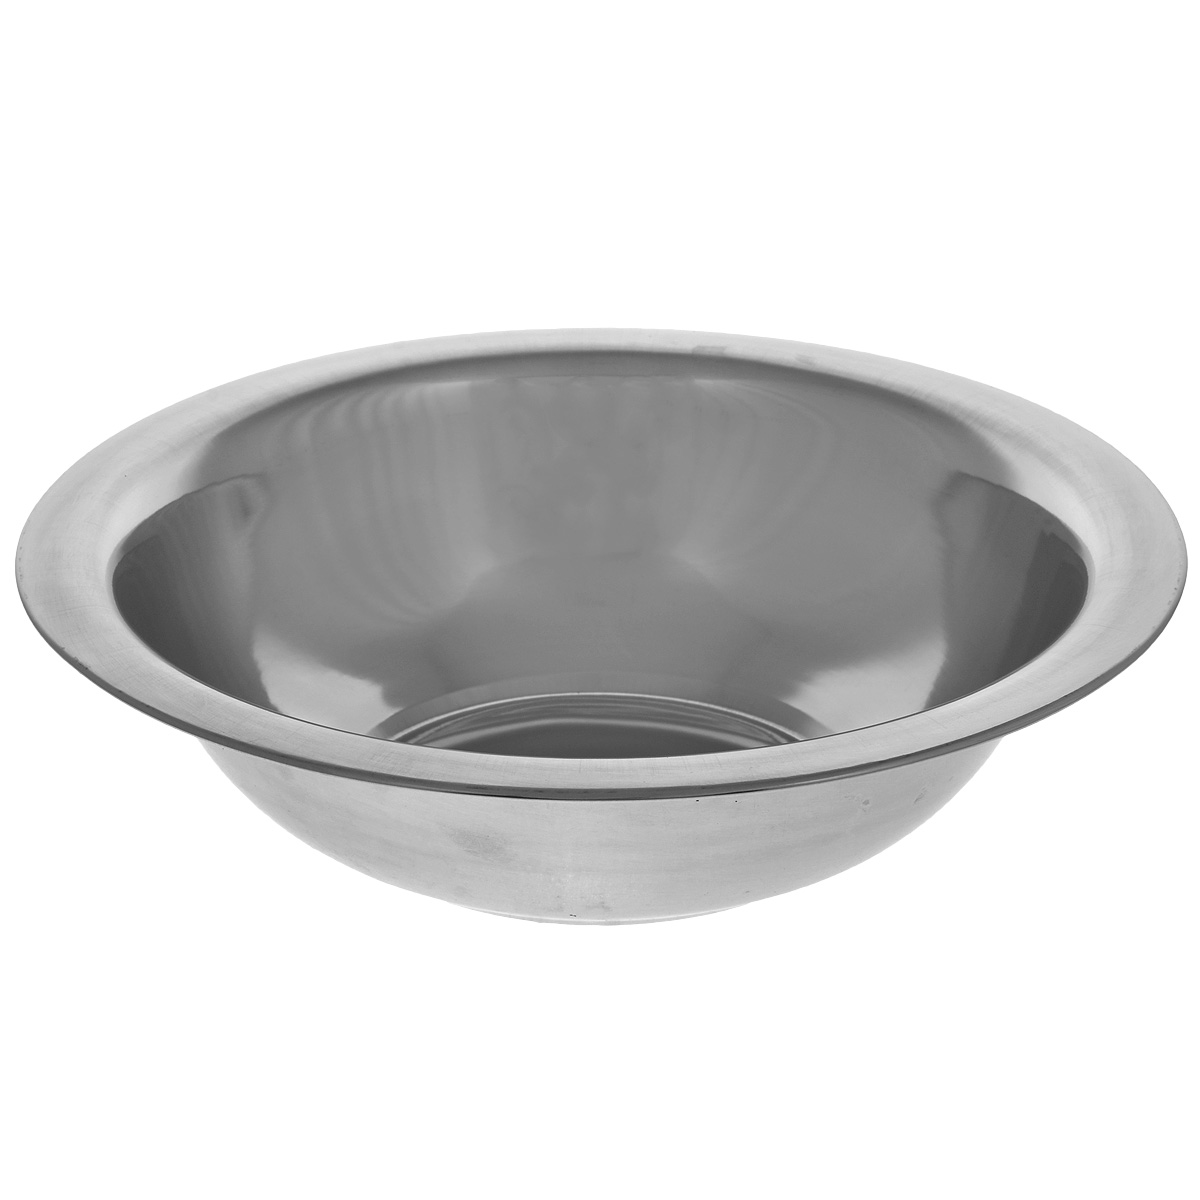 Миска Padia, диаметр 26 см5000-02Миска Padia изготовлена из нержавеющей стали. Удобная посуда прекрасно подойдет для походов и пикников. Прочная, компактная миска легко моется. Отлично подойдет для горячих блюд.Диаметр миски: 26 см.Высота миски: 7 см.